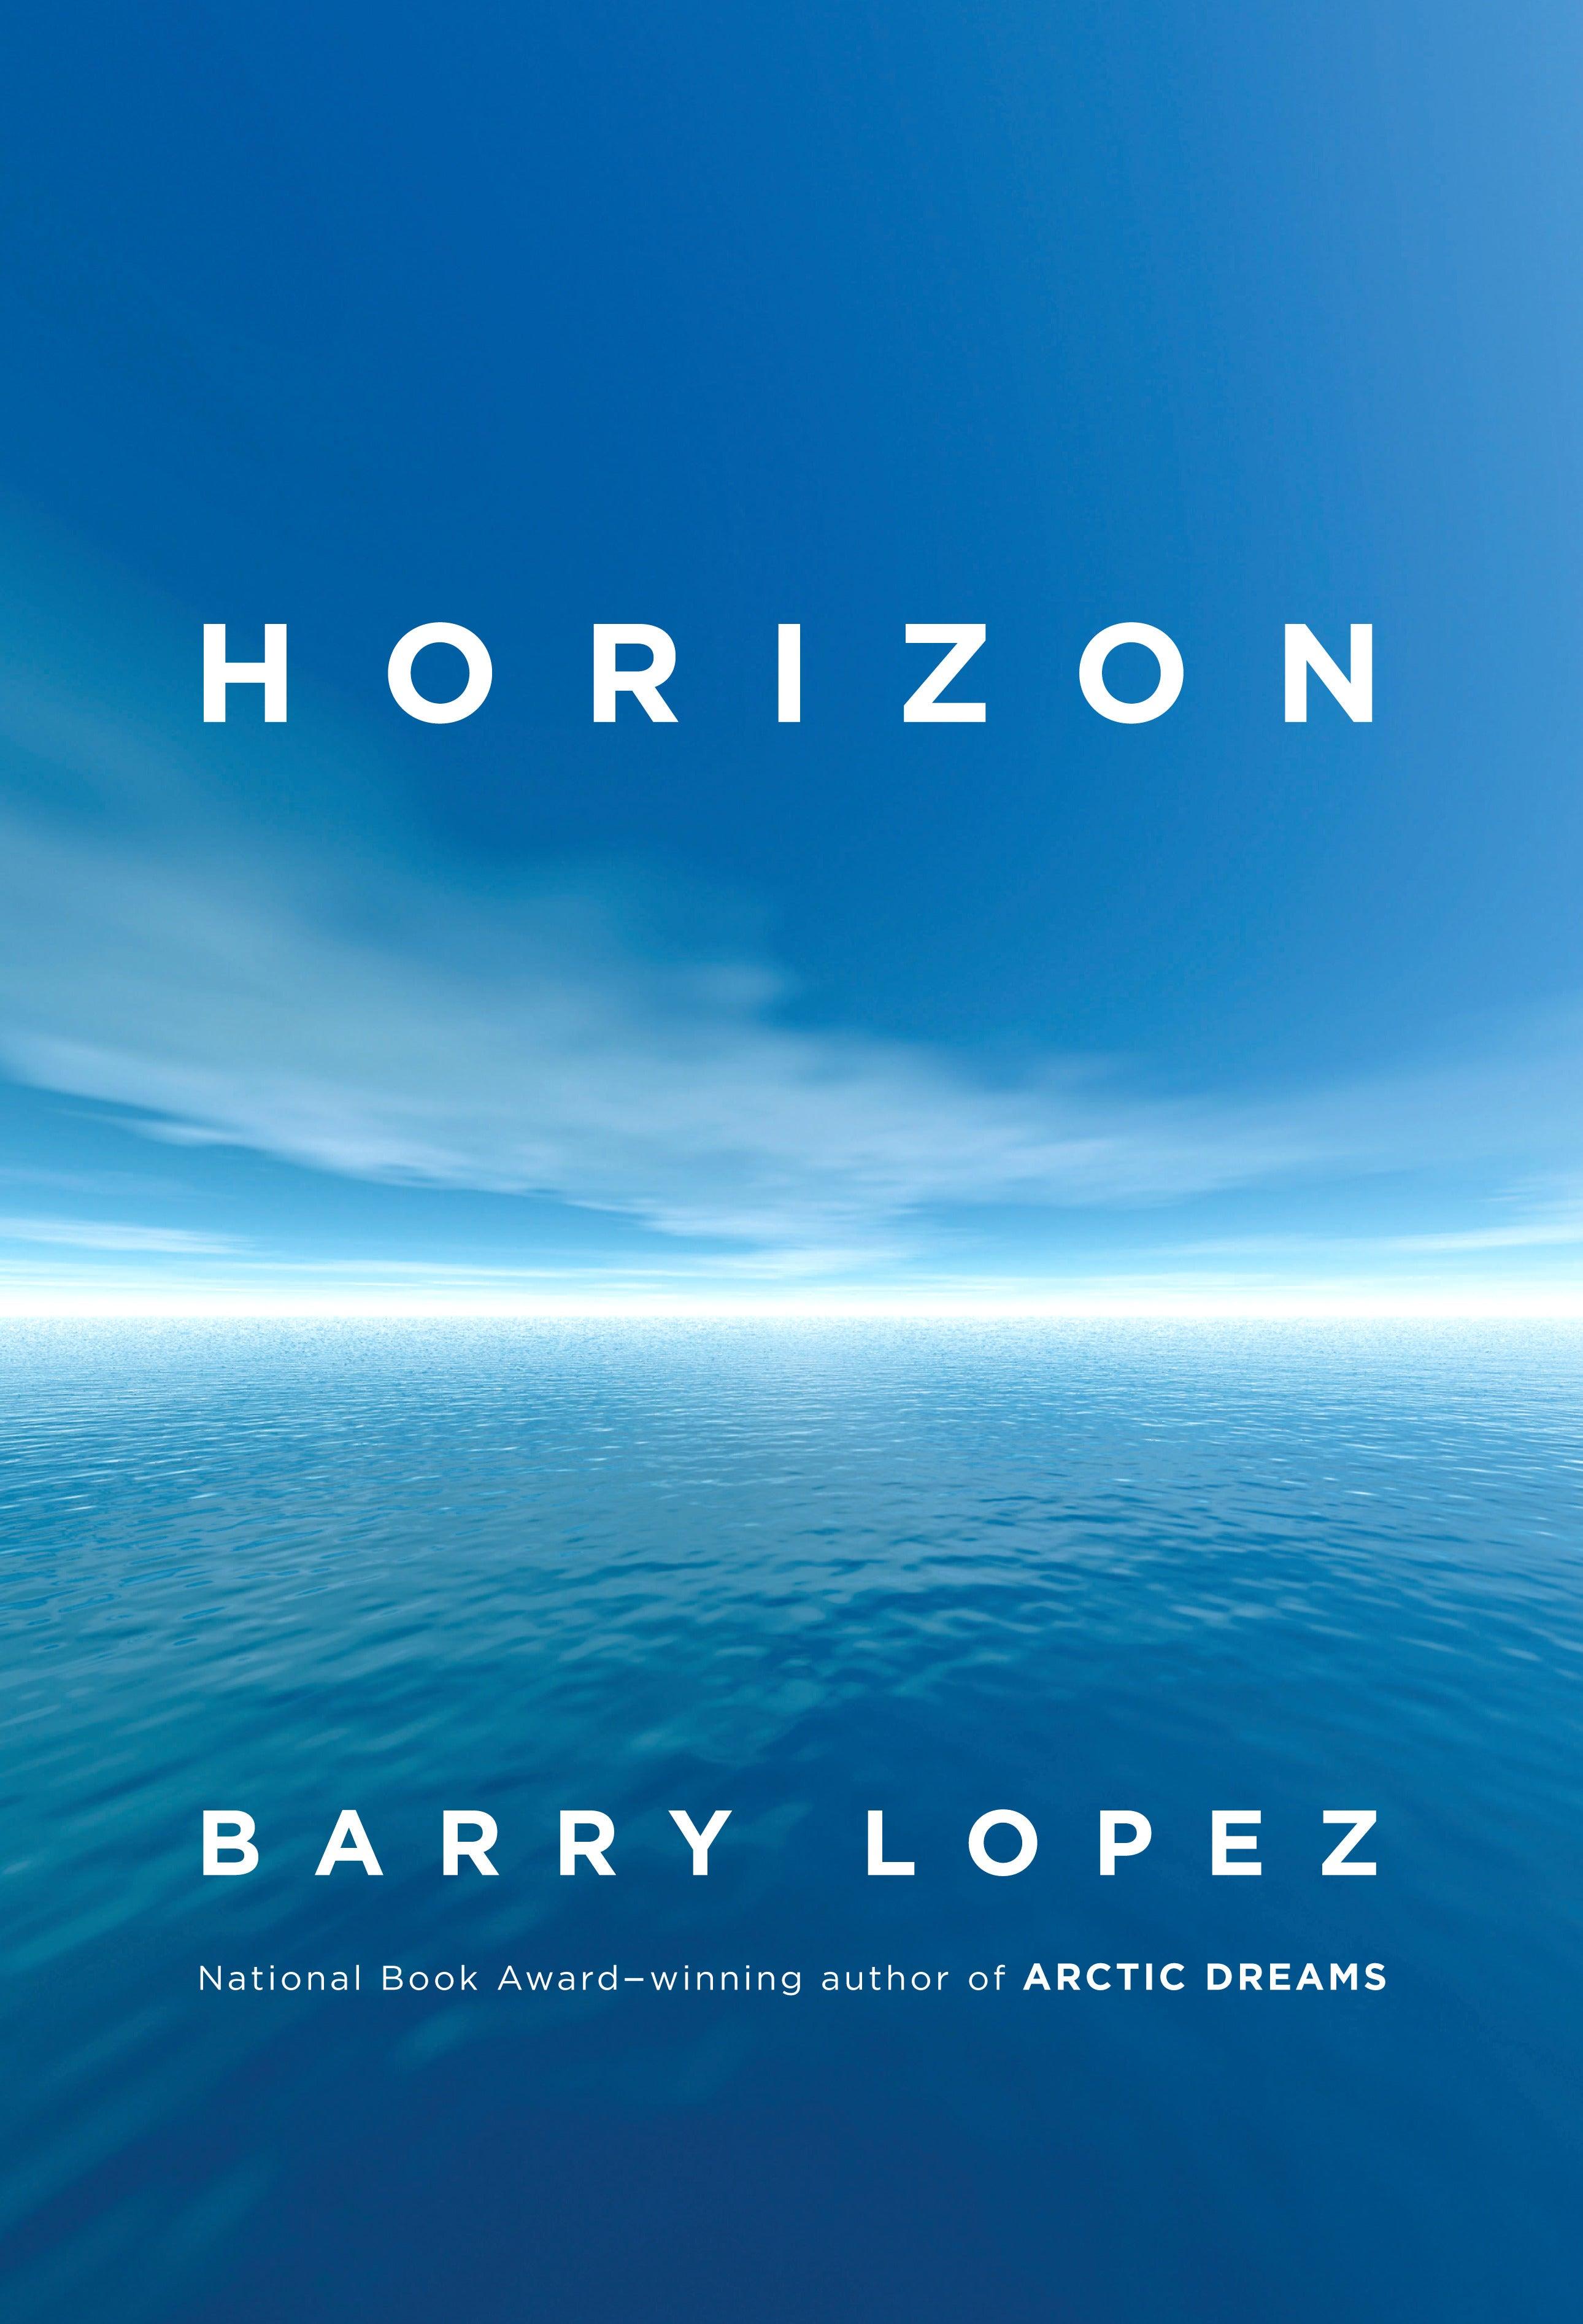 Horizon Barry Lopez